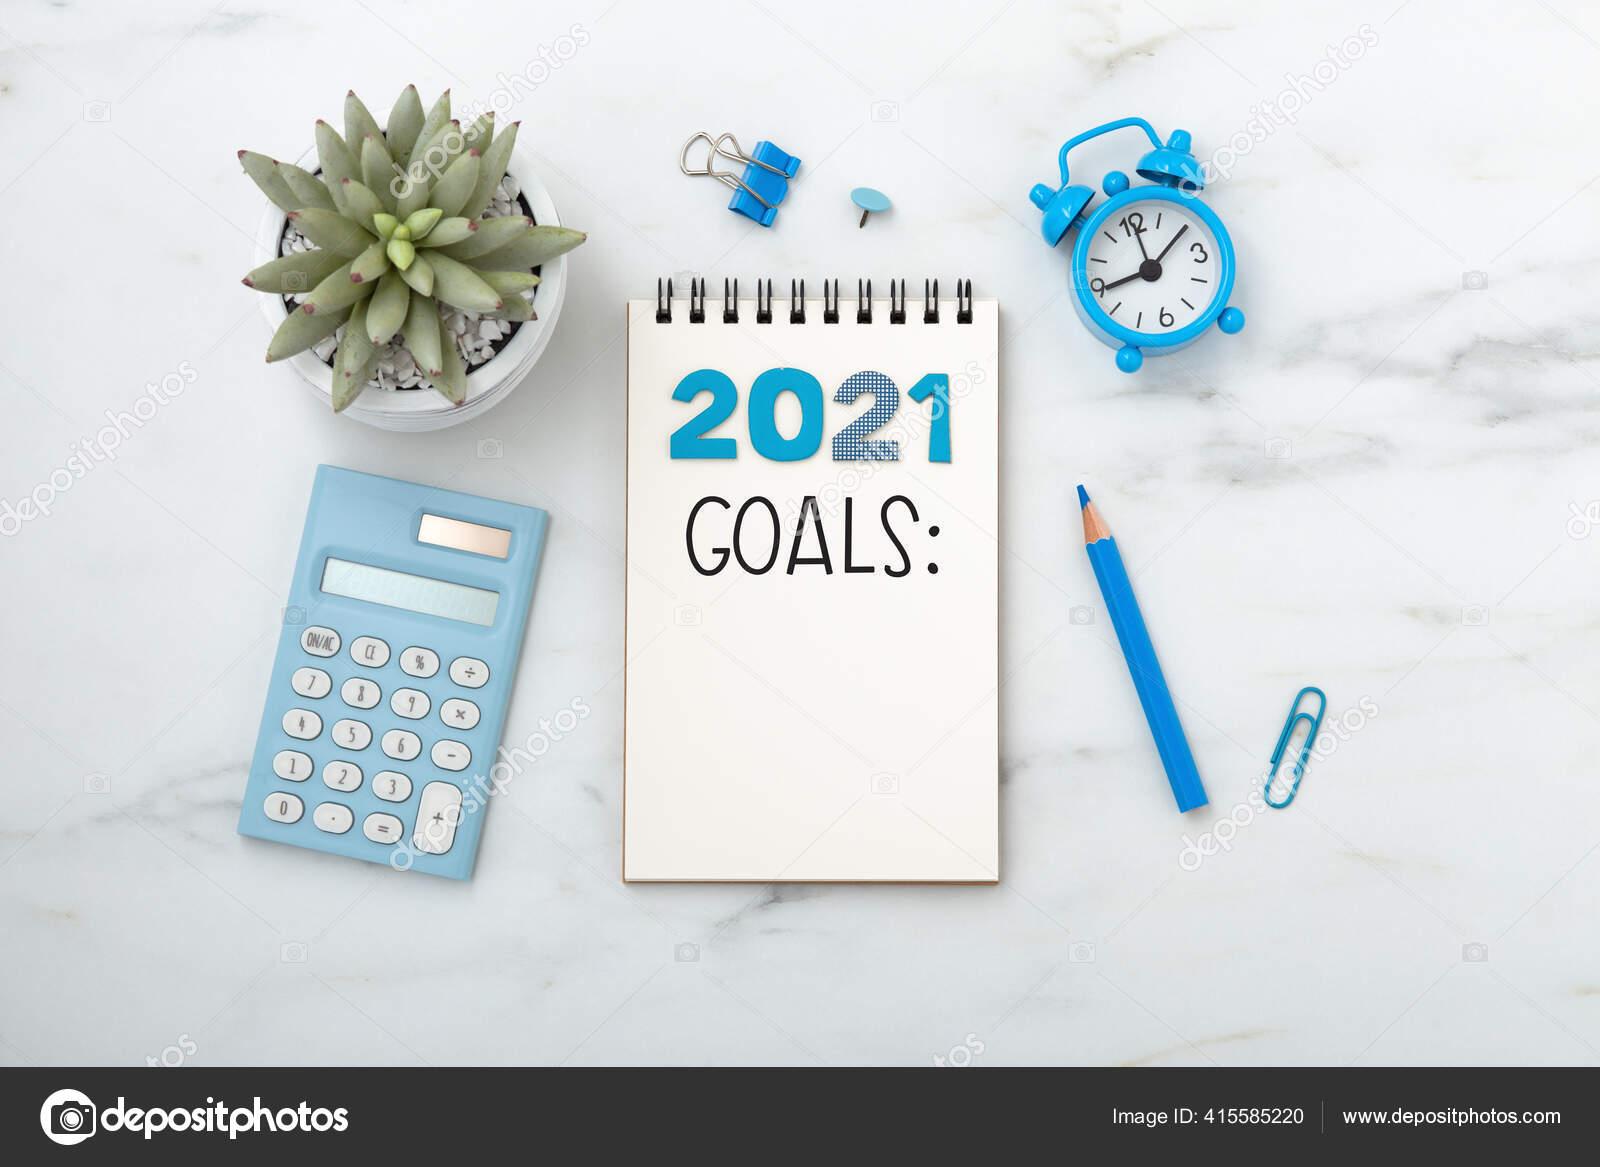 Depo Calculator 2021